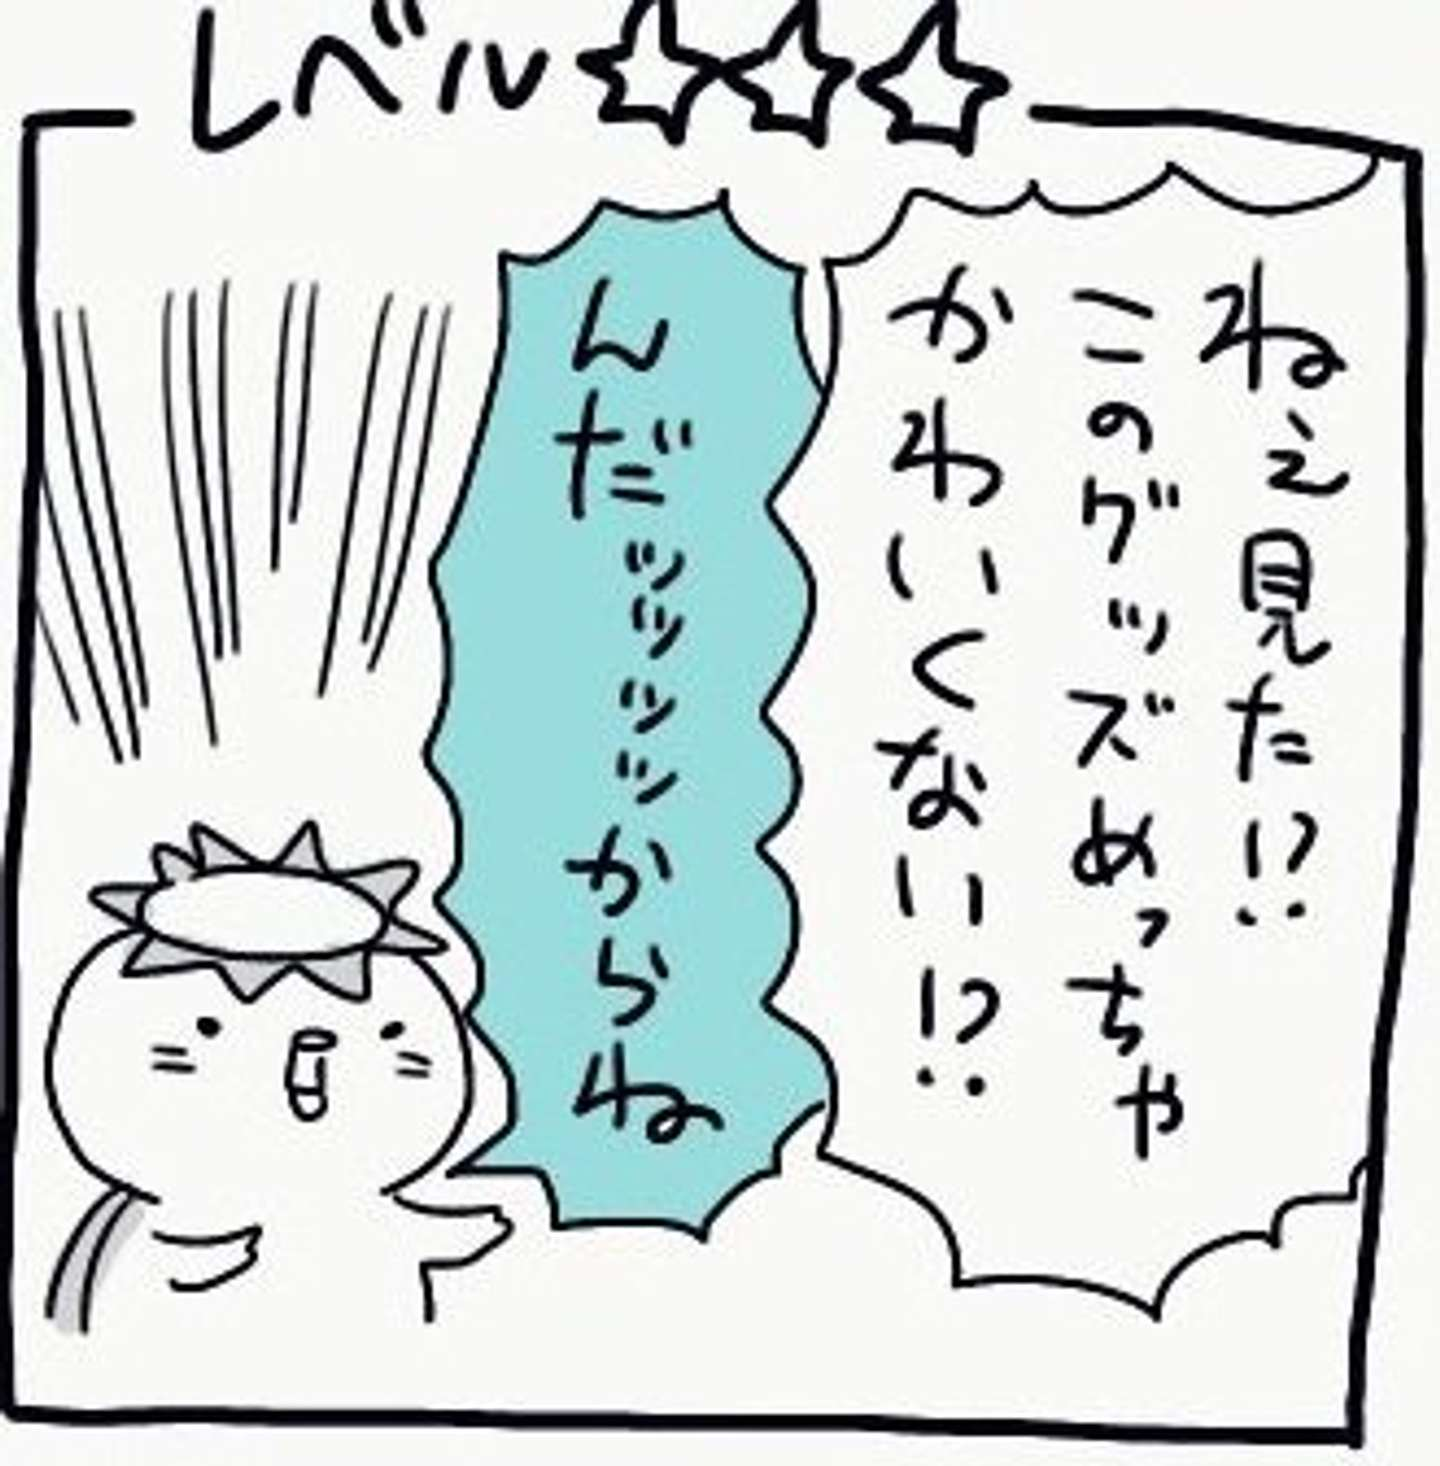 相澤さんのツイートより、編集部でトリミング